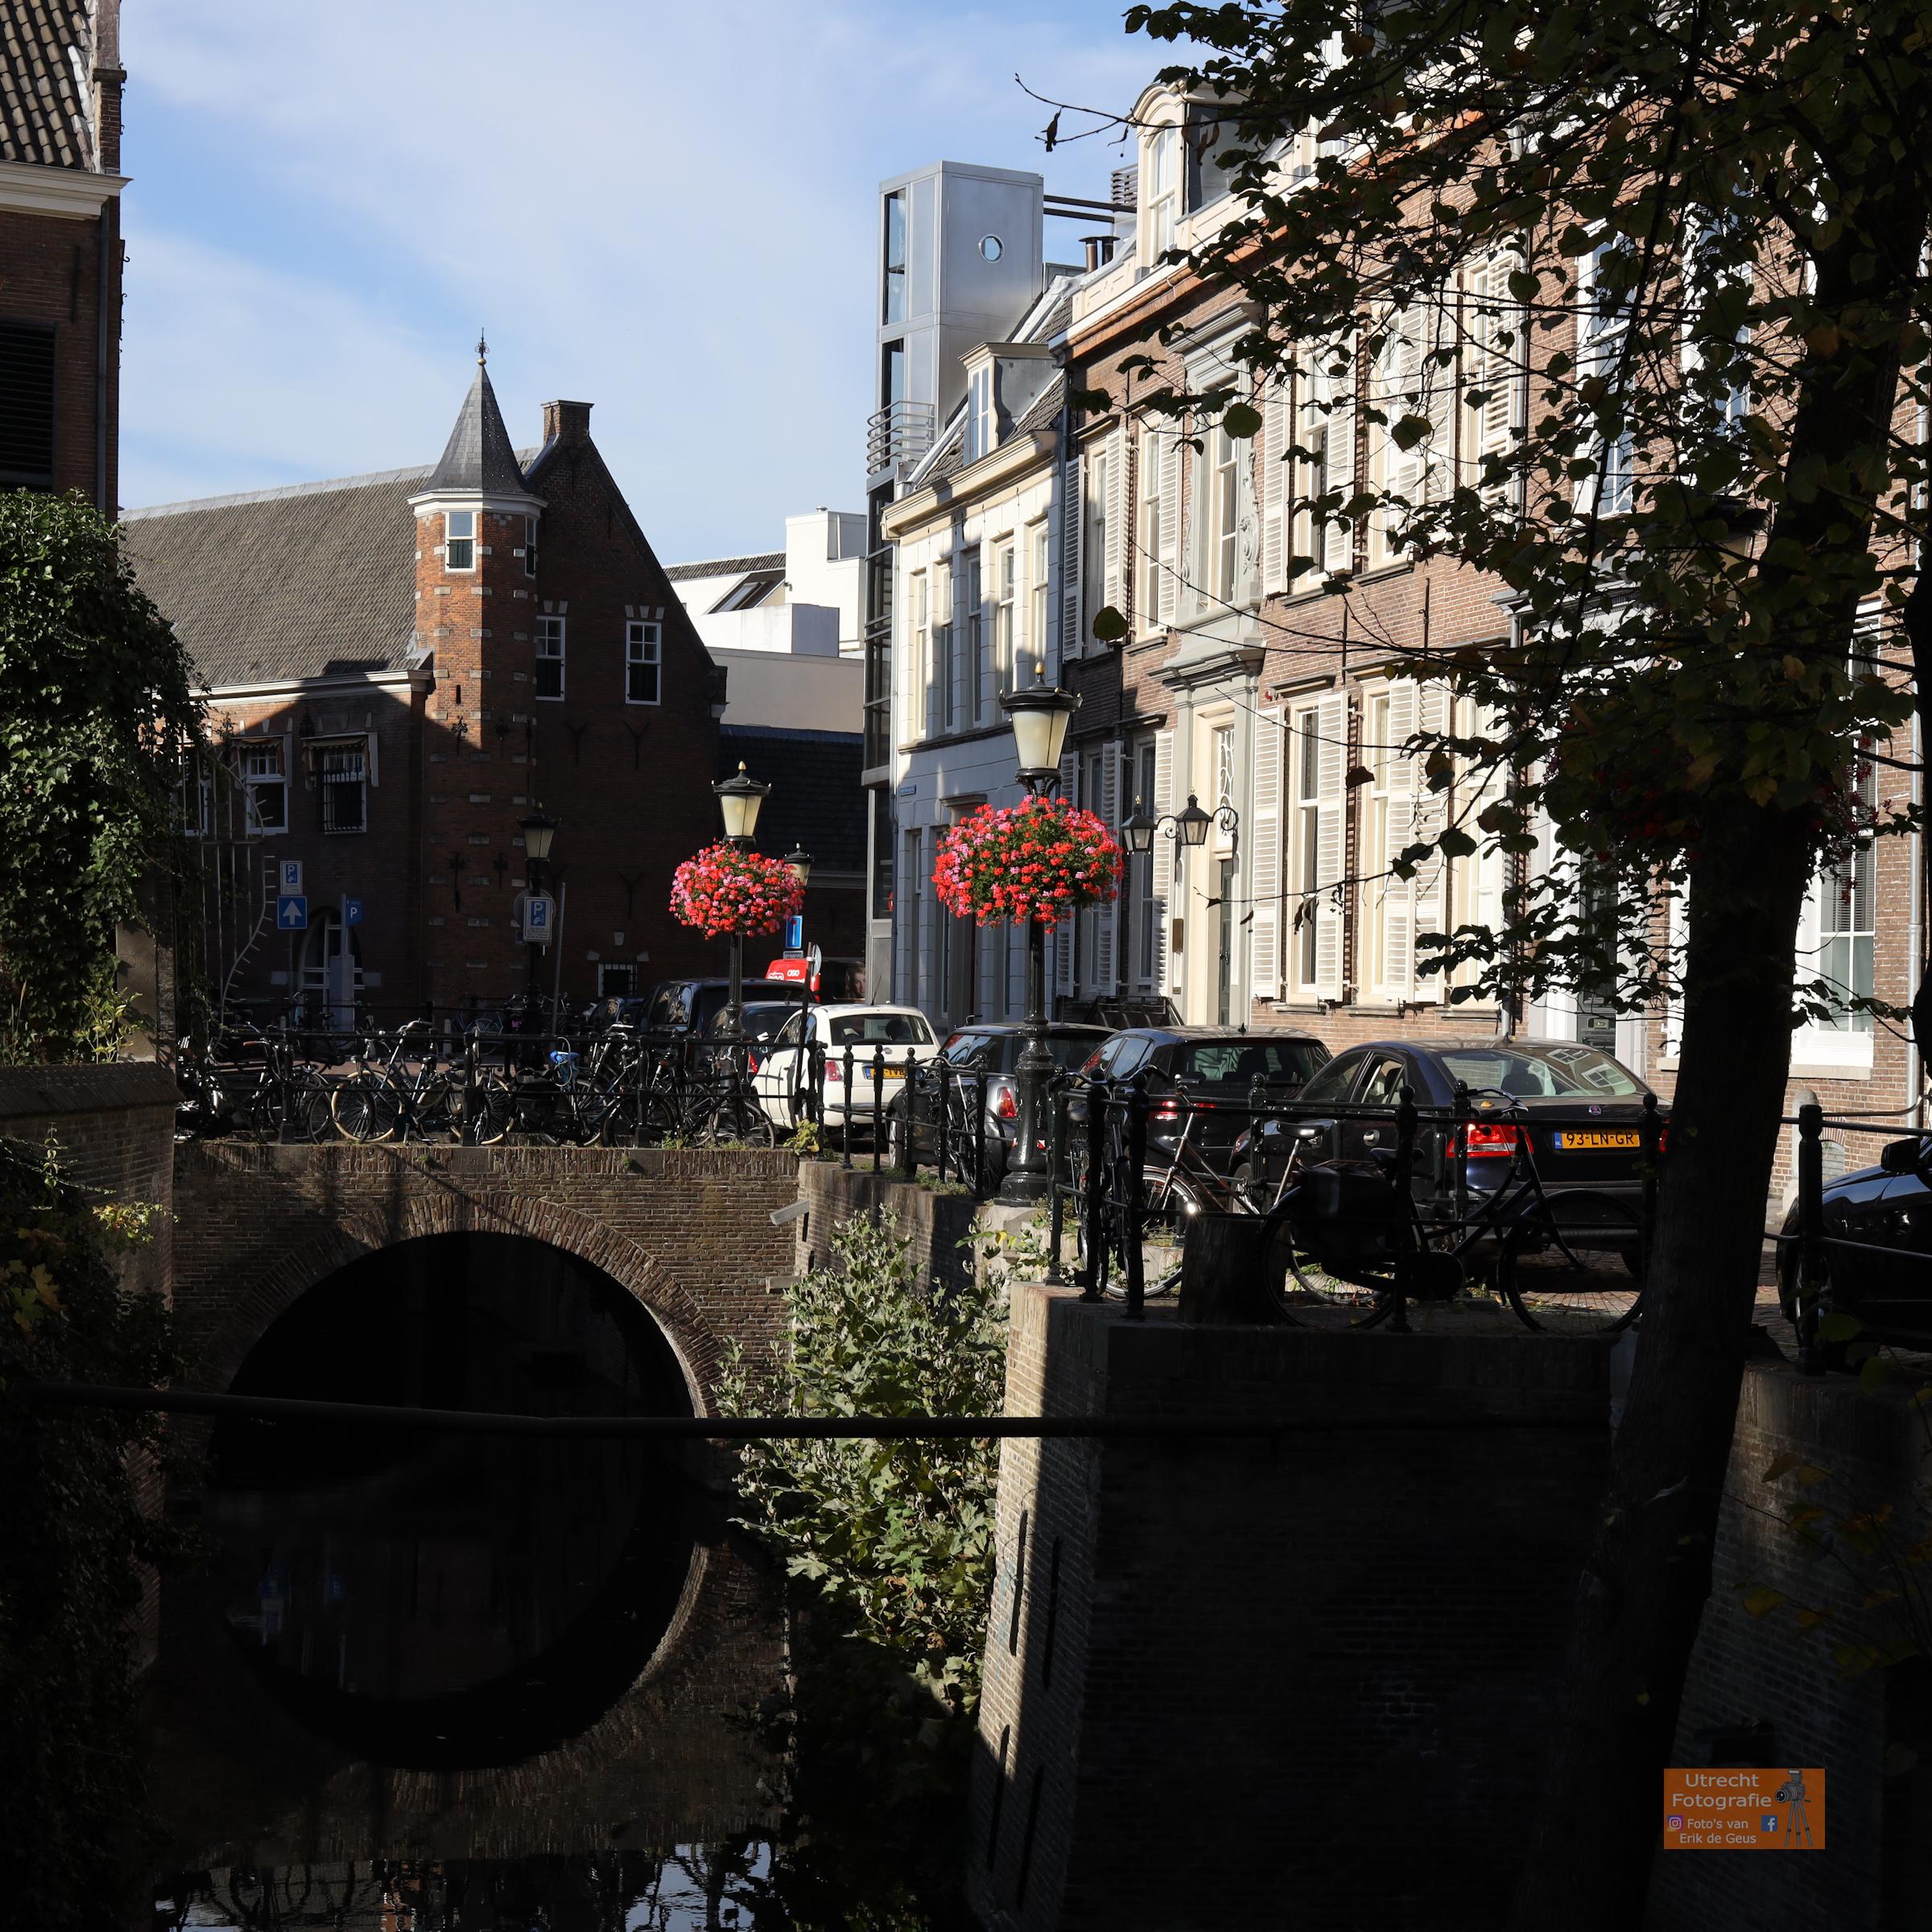 20181019 Kromme Nieuwegracht 03